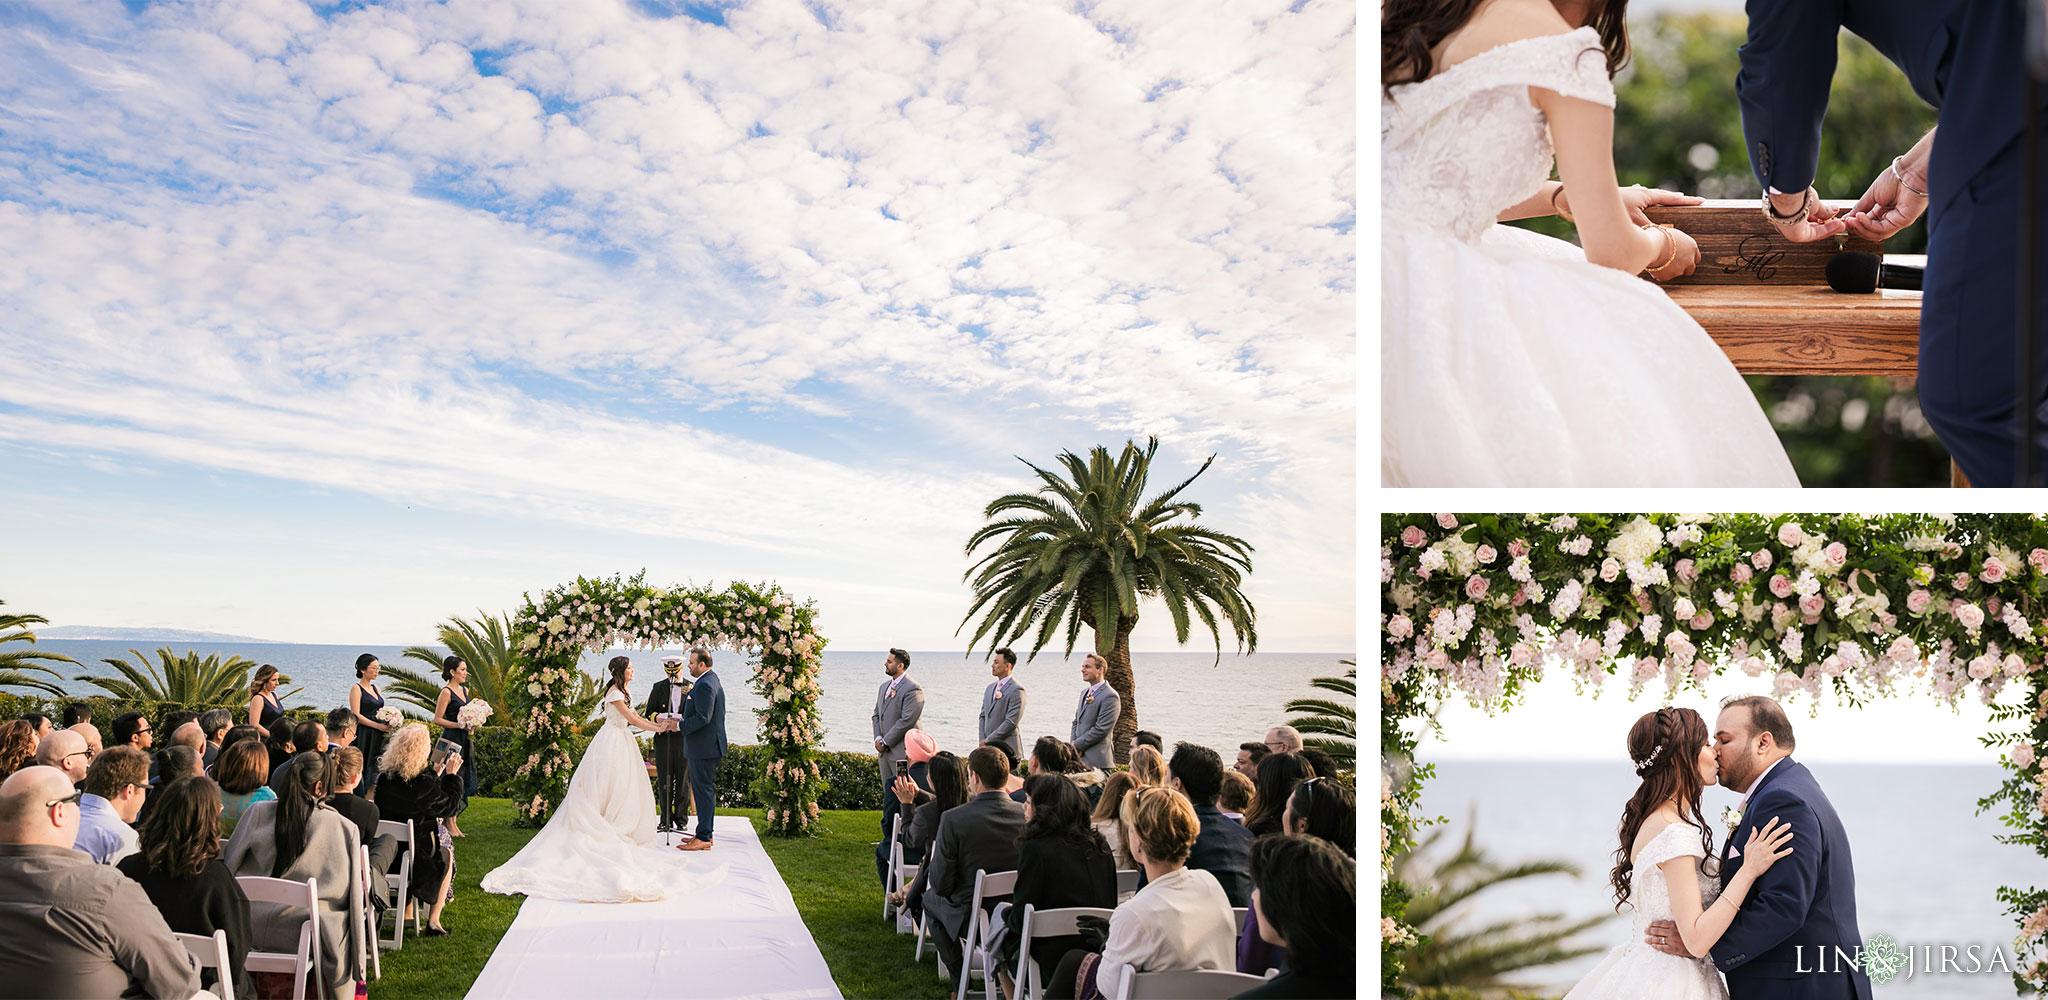 20 Bel Air Bay Club Los Angeles Wedding Photography